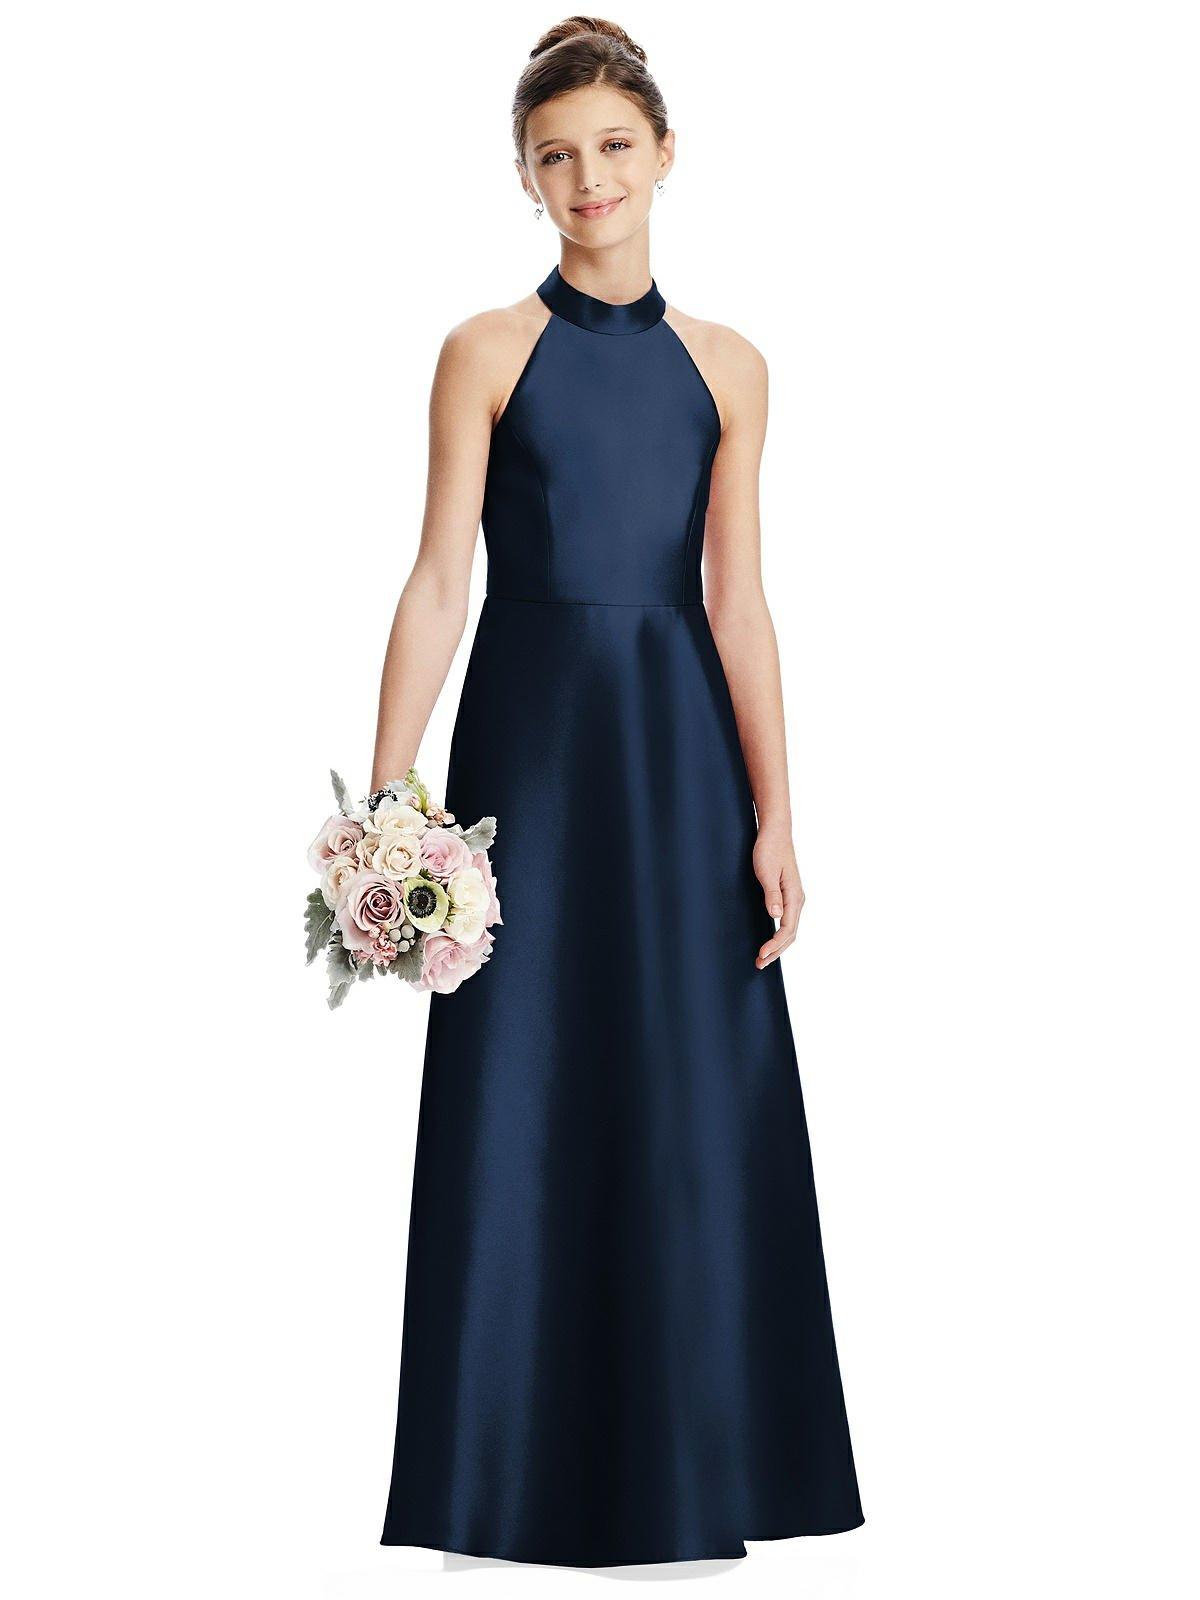 Midnight Blue Satin Halter Neck Junior Bridesmaids Dress